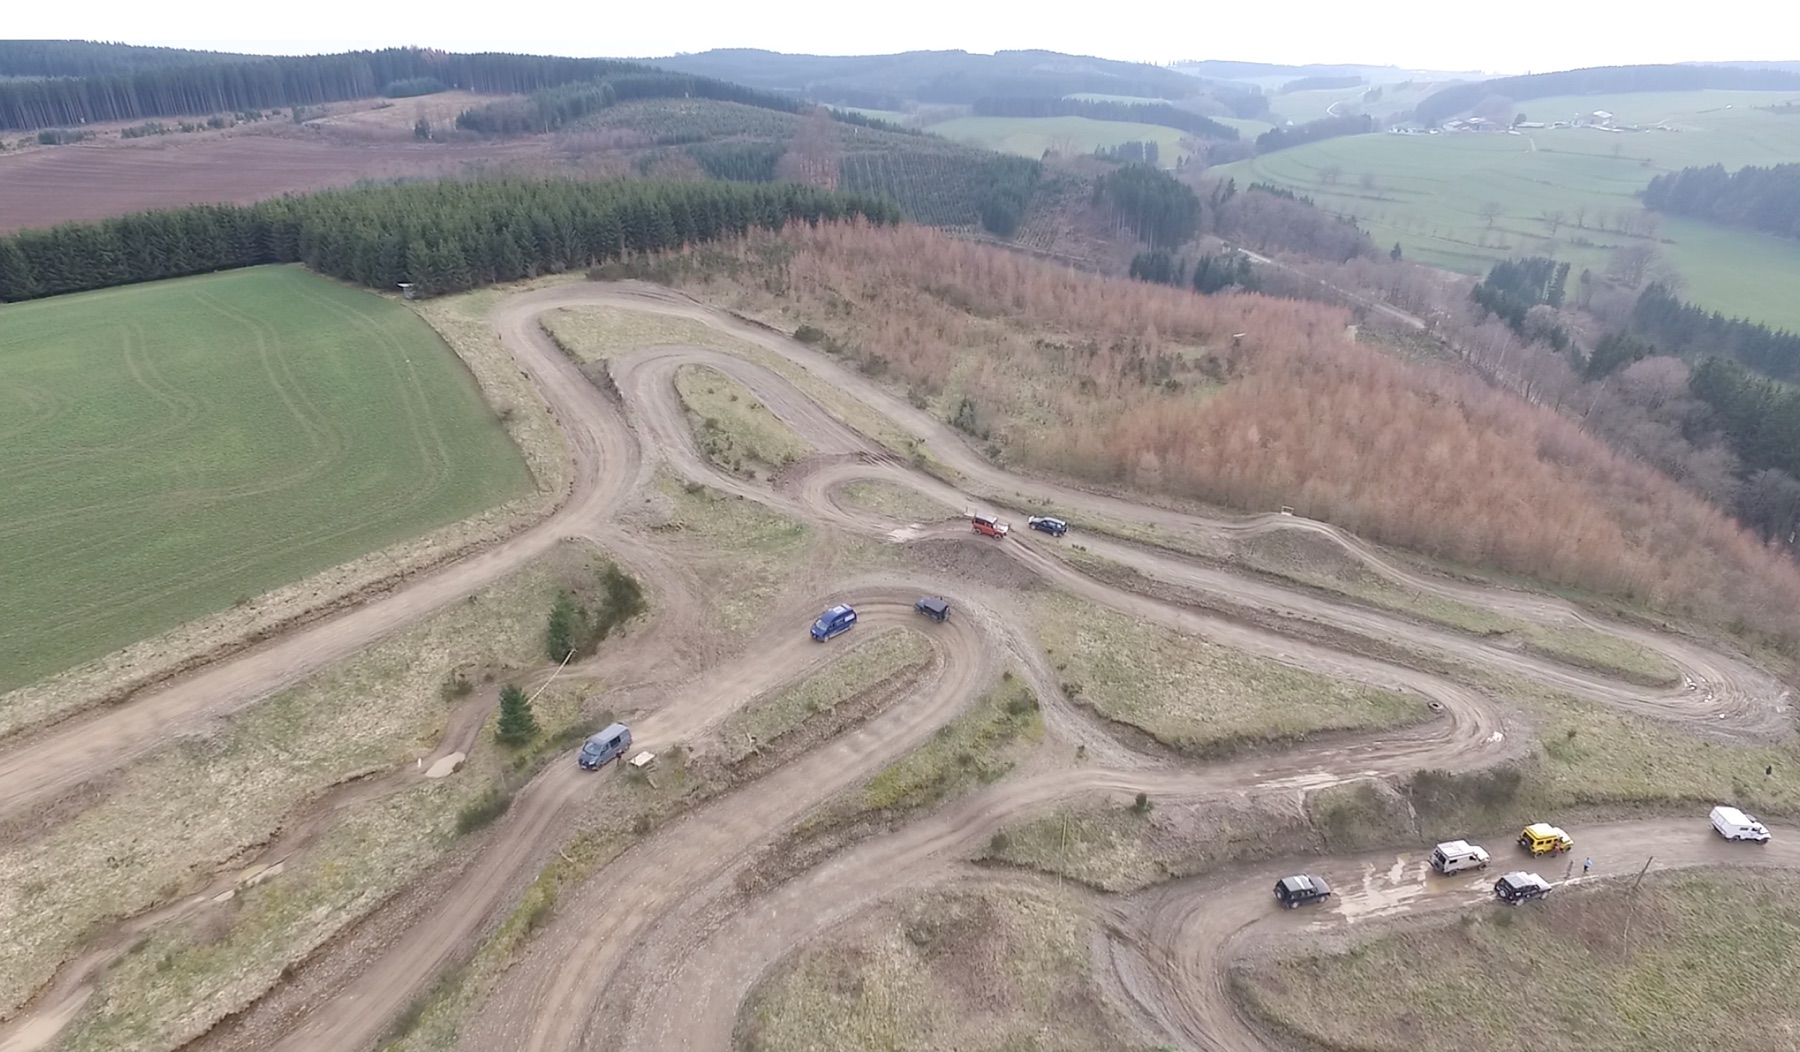 Luftbild des Offroad-Geländes im belgischen Dürler